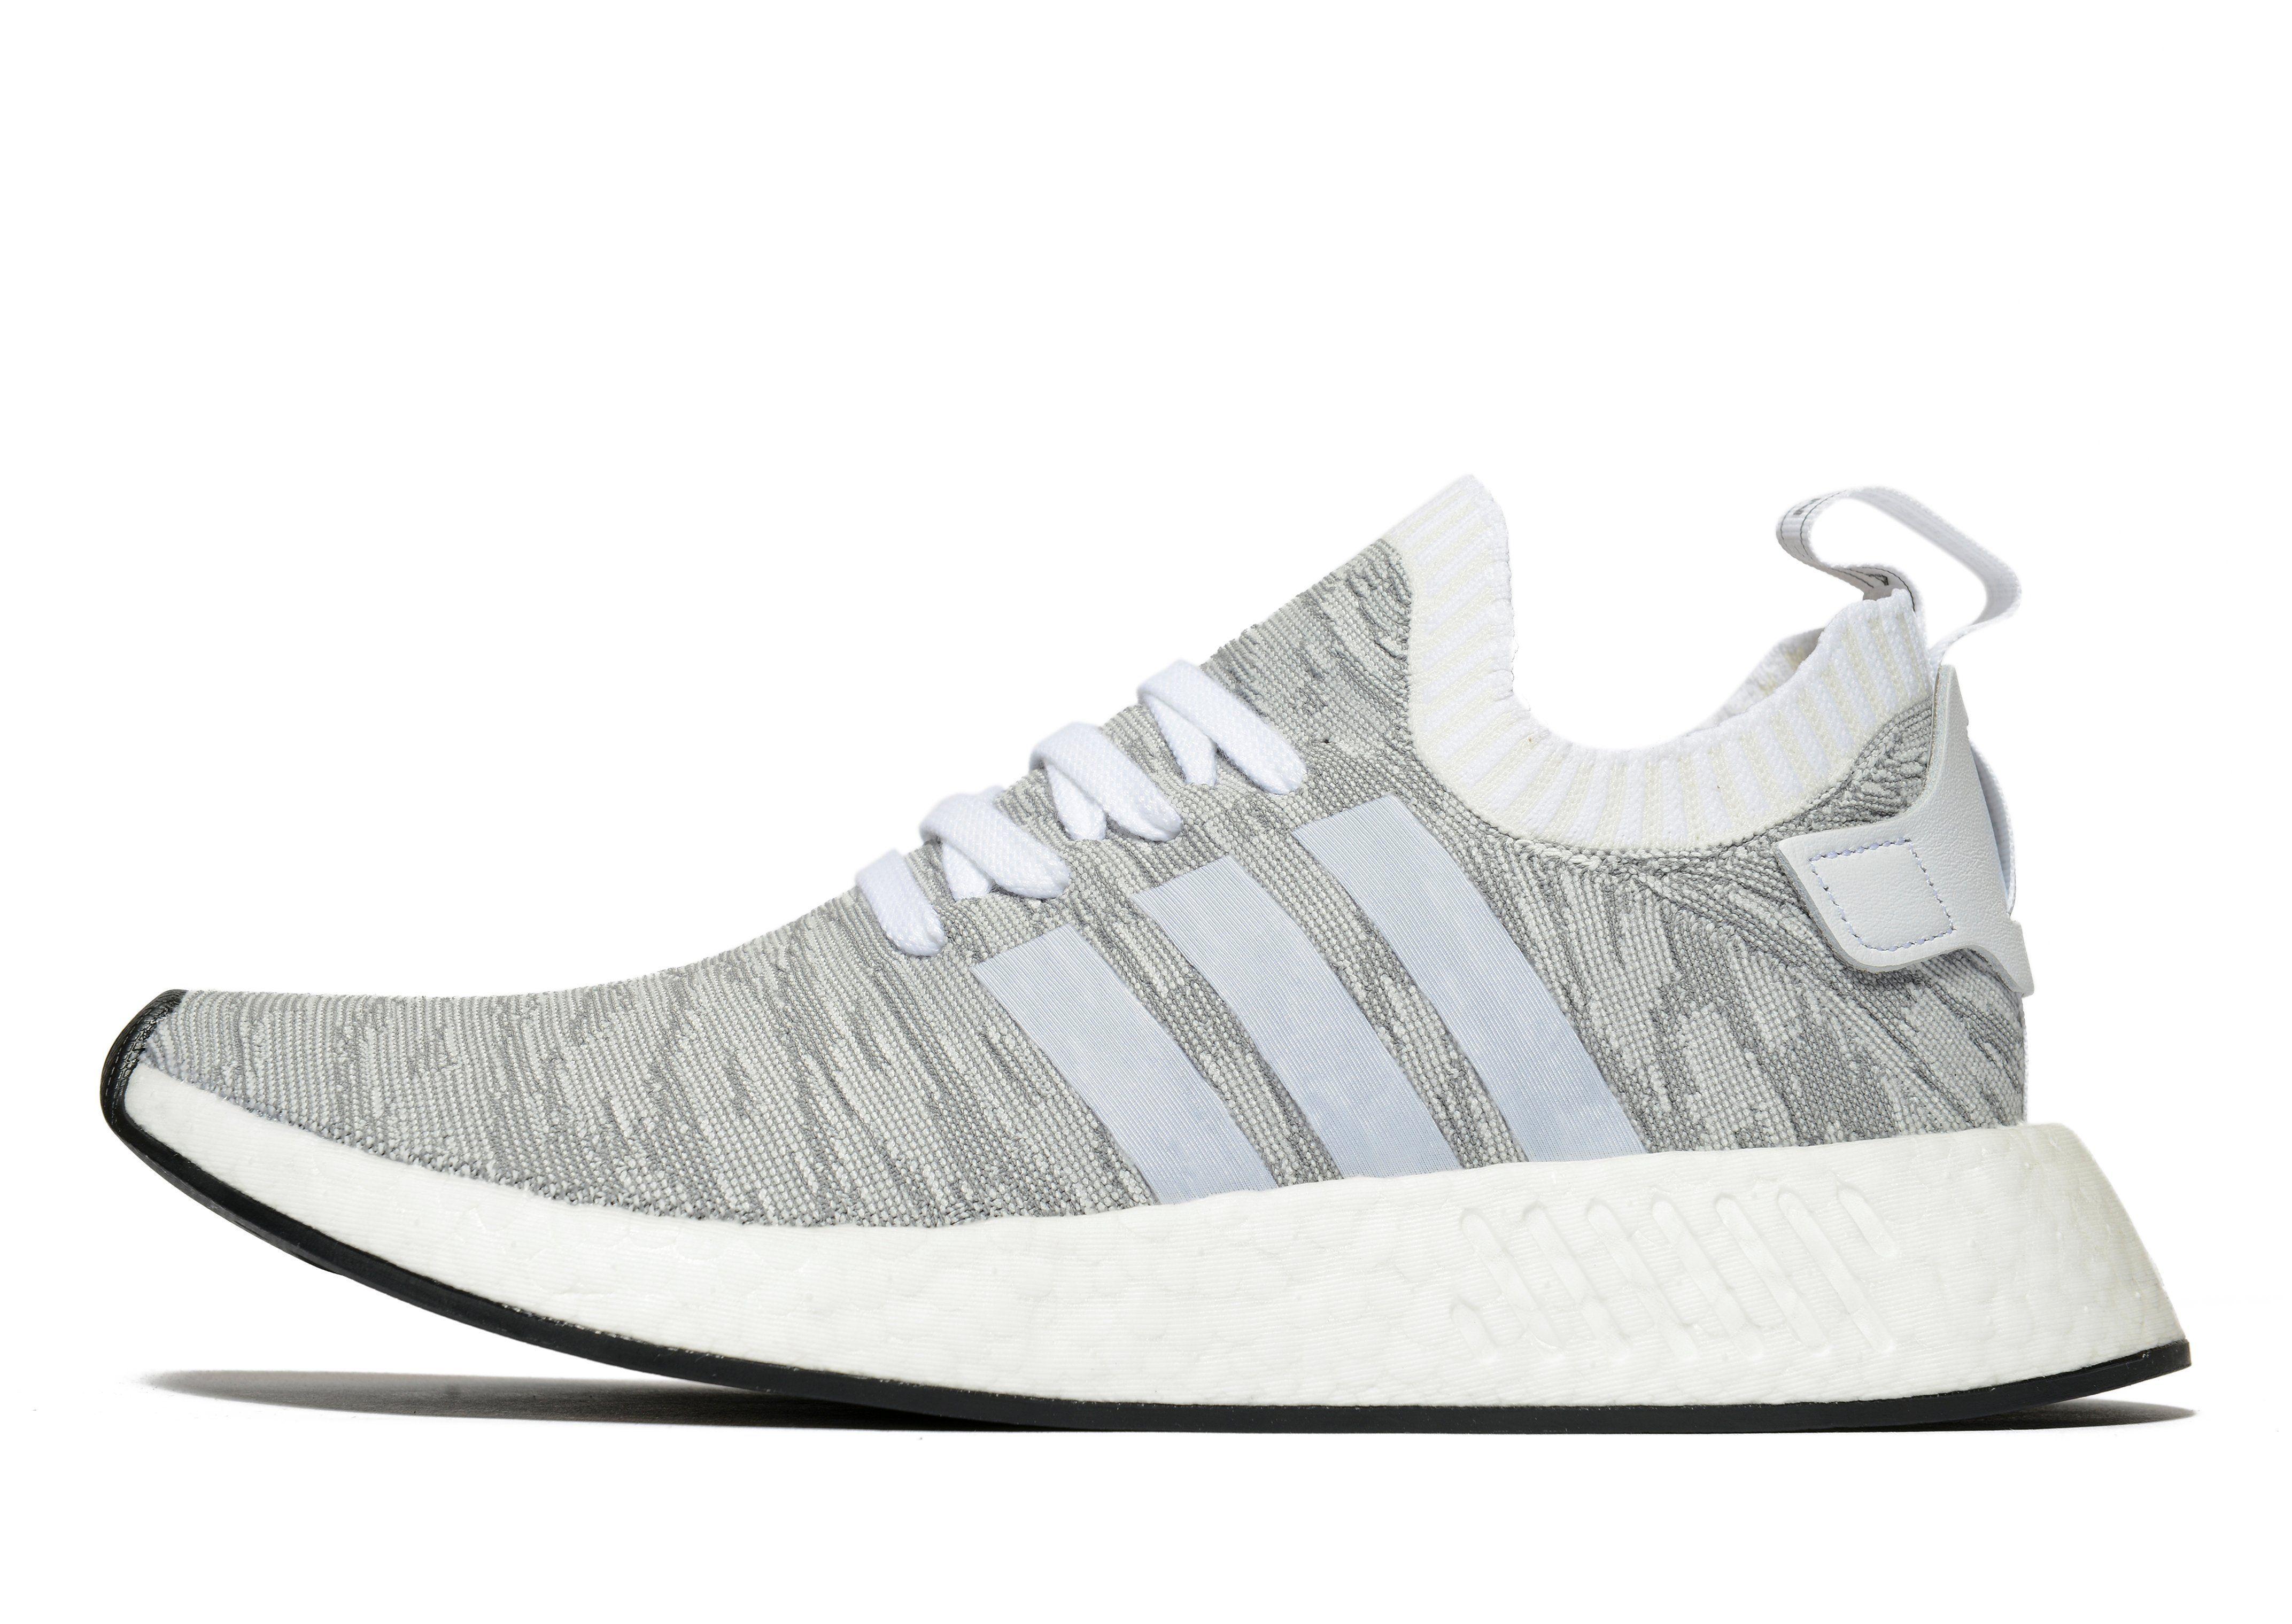 Adidas originali nmd r2 impulso primeknit adidas originali